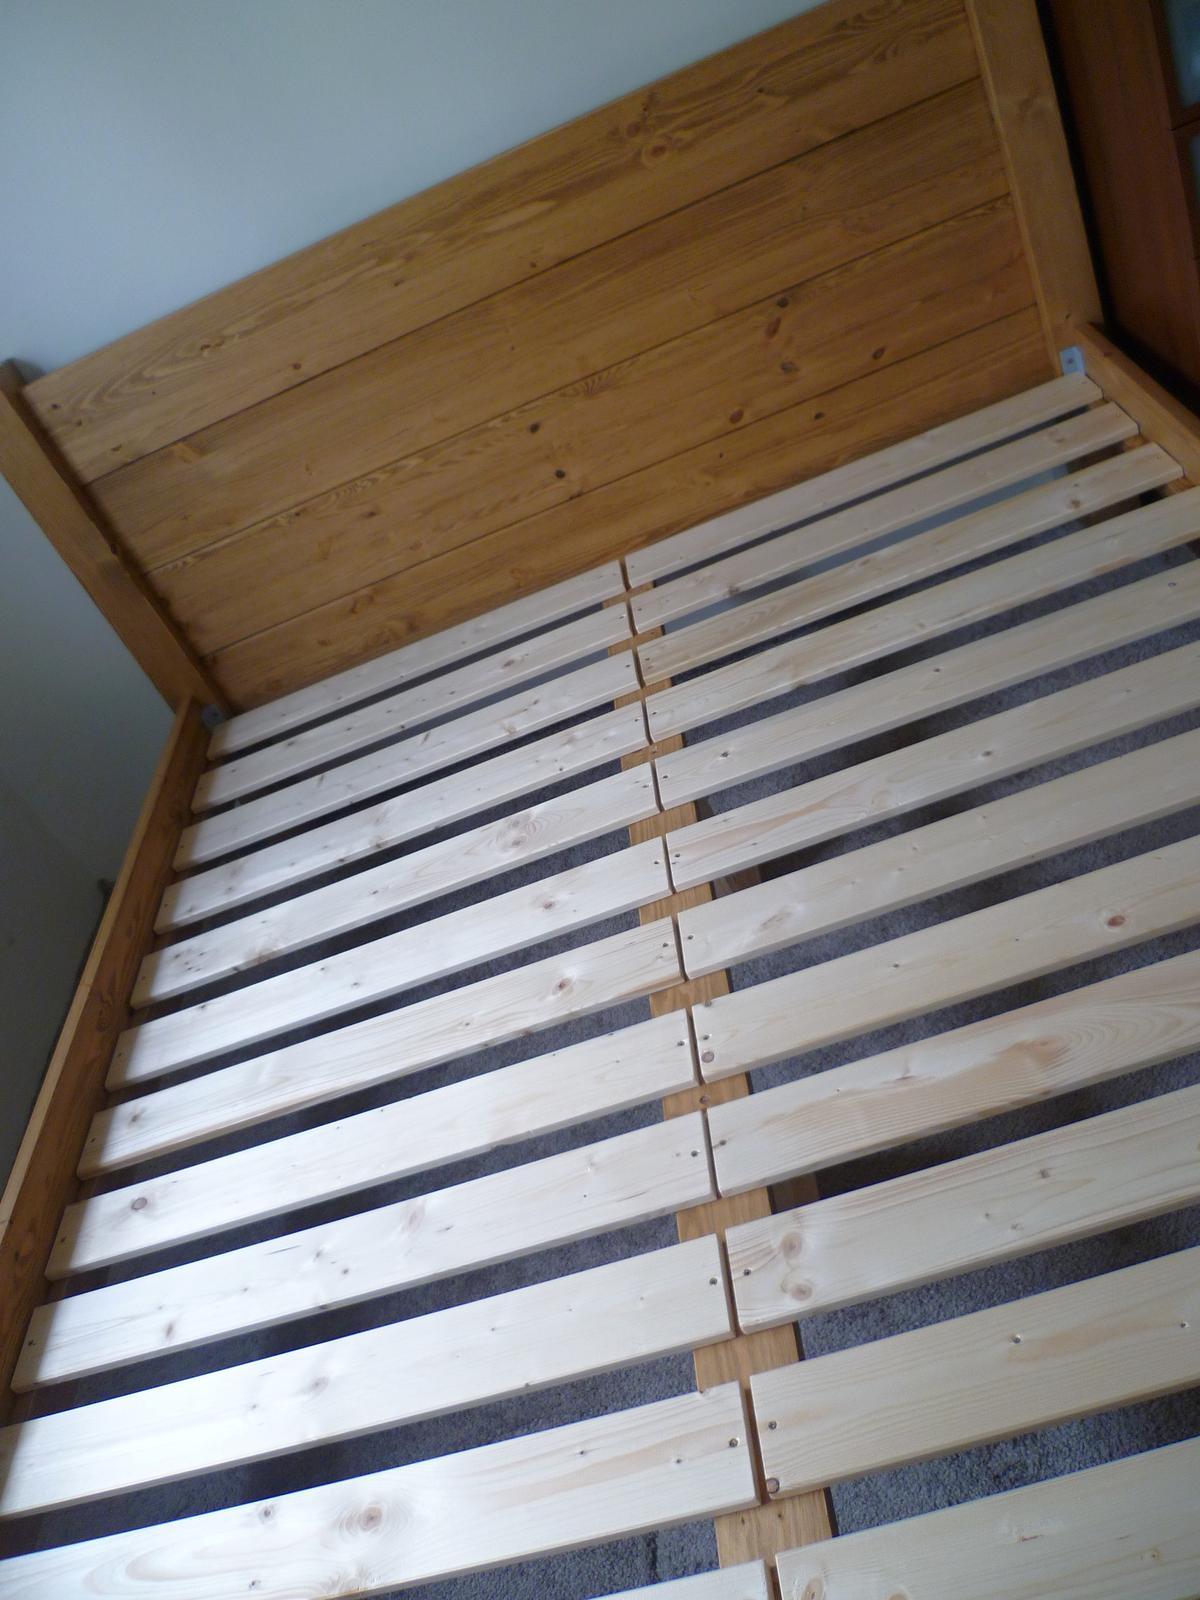 Naše nová, borovicová postel, GABON BIG, hlavové čelo zvýšené na 115 cm :-) ...je super! - rošt je napevno...